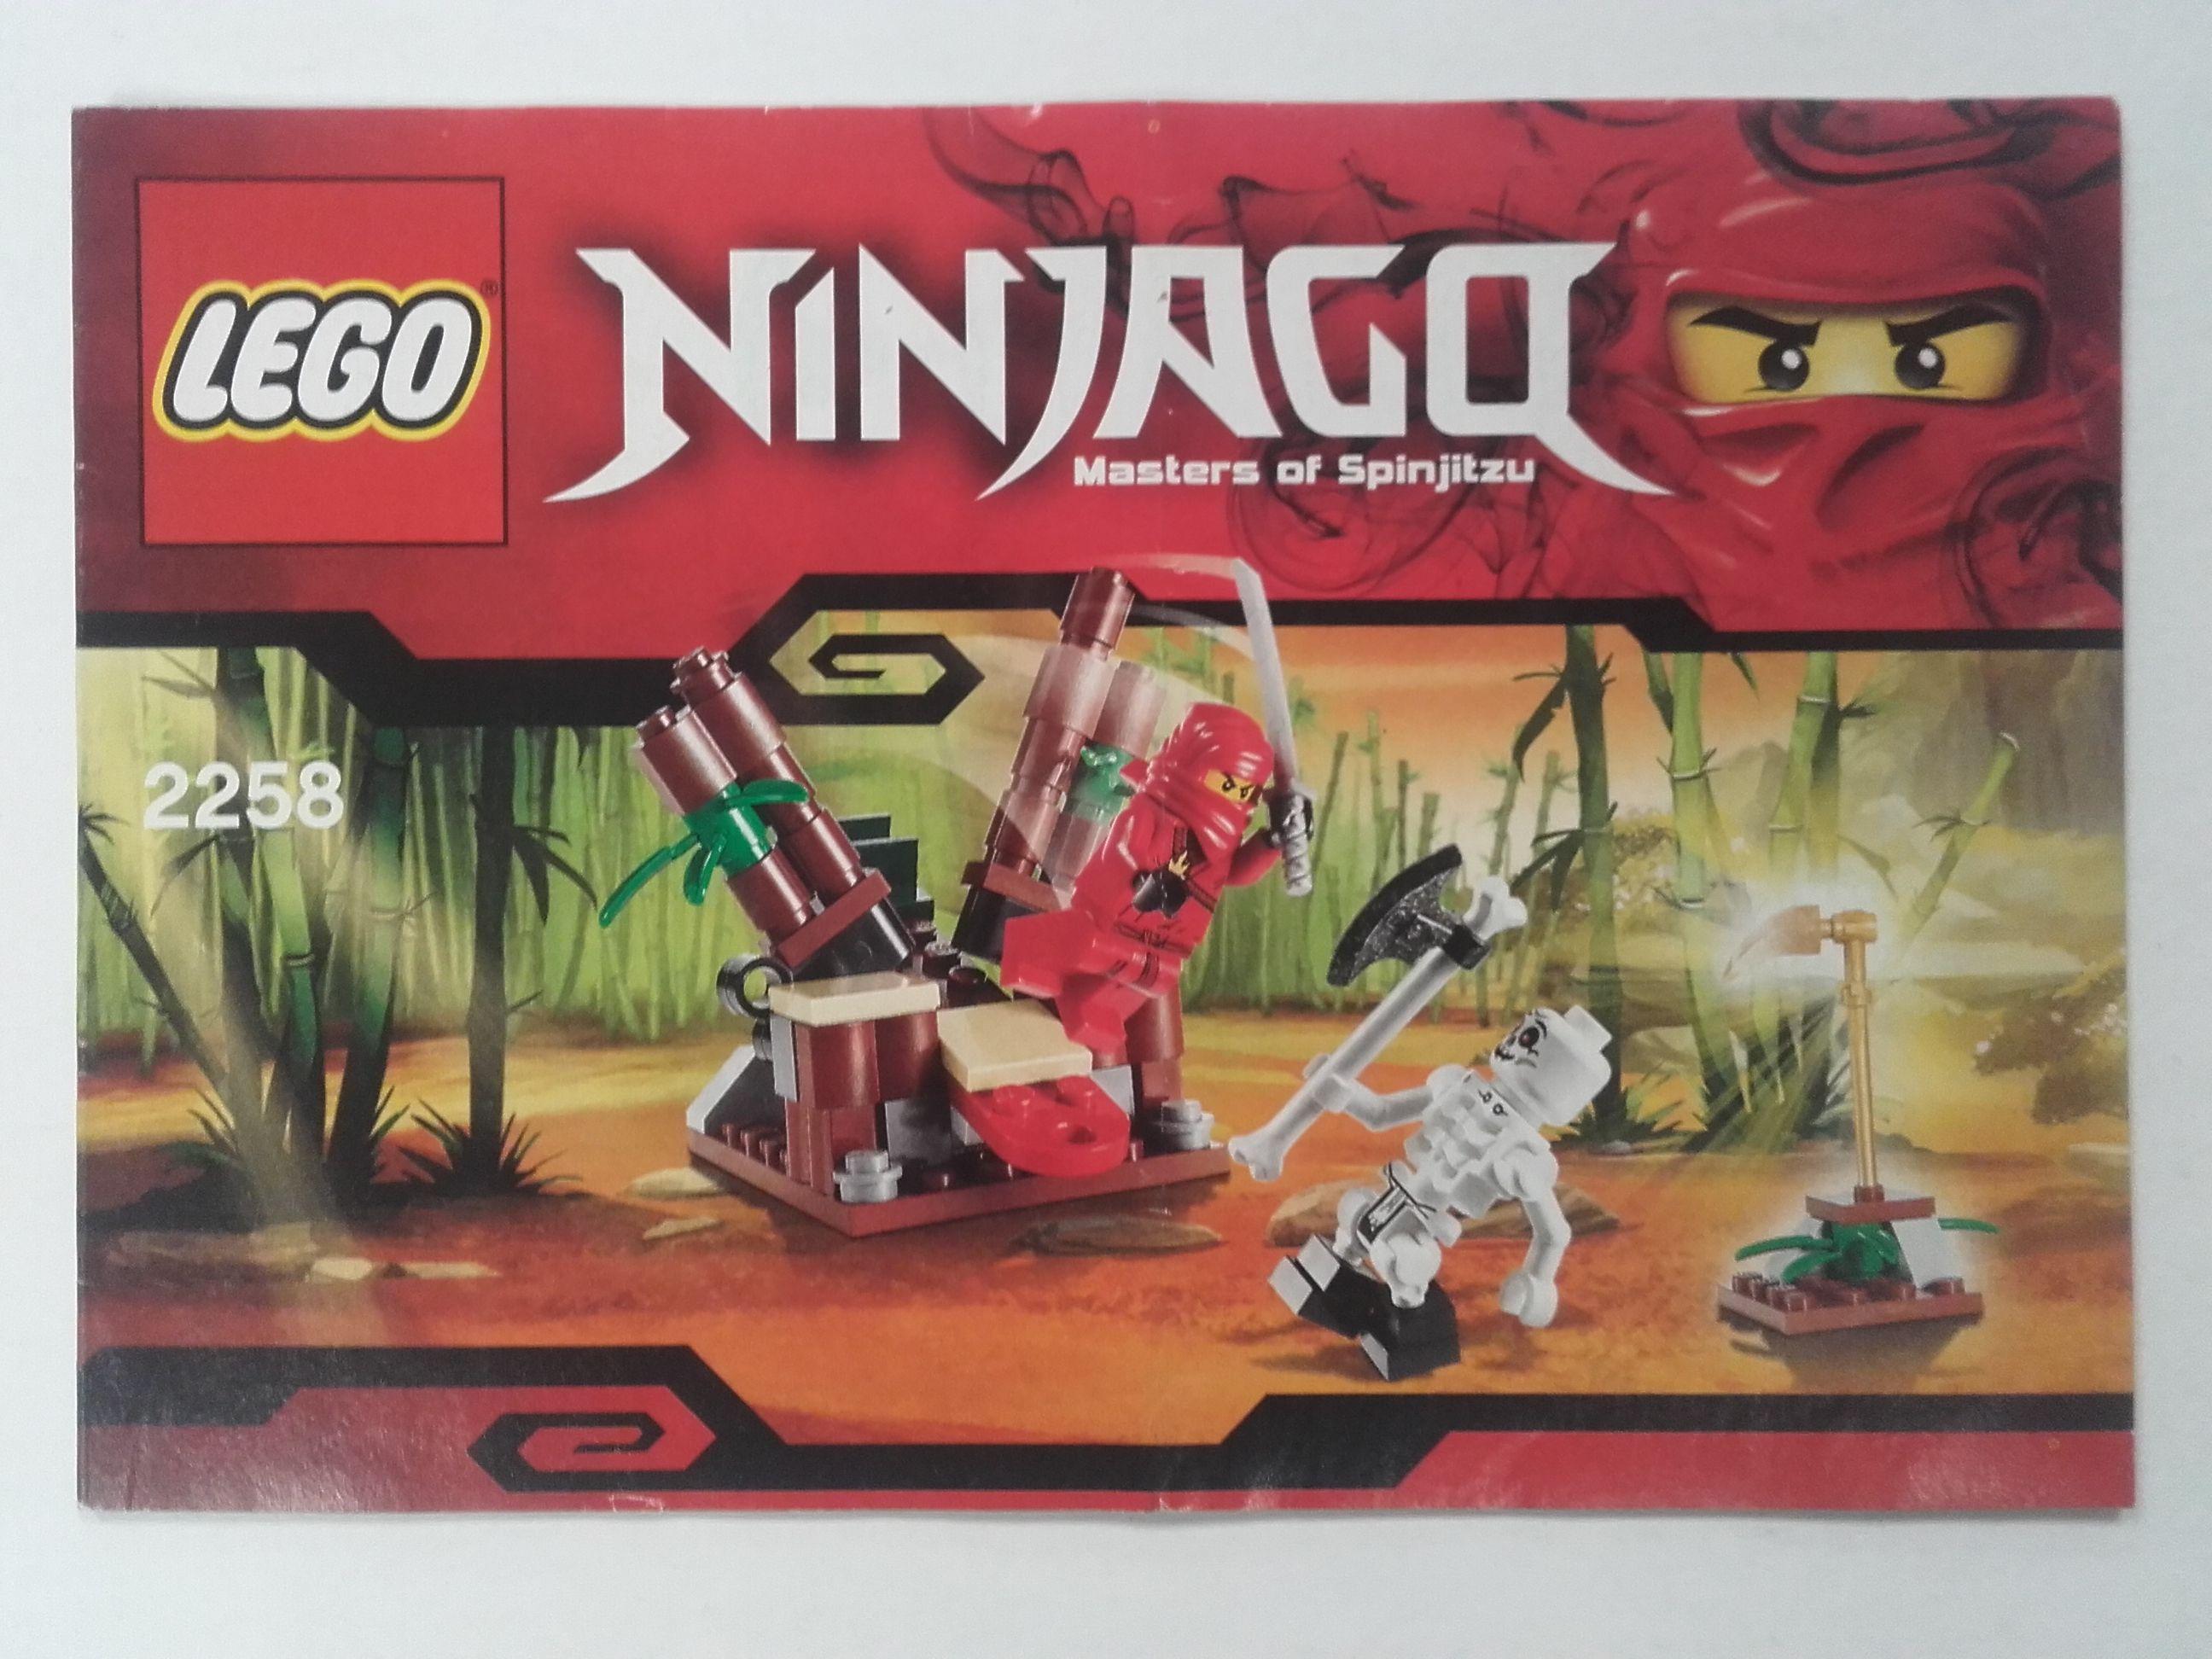 Lego Ninjago – Összeszerelési útmutató 2258